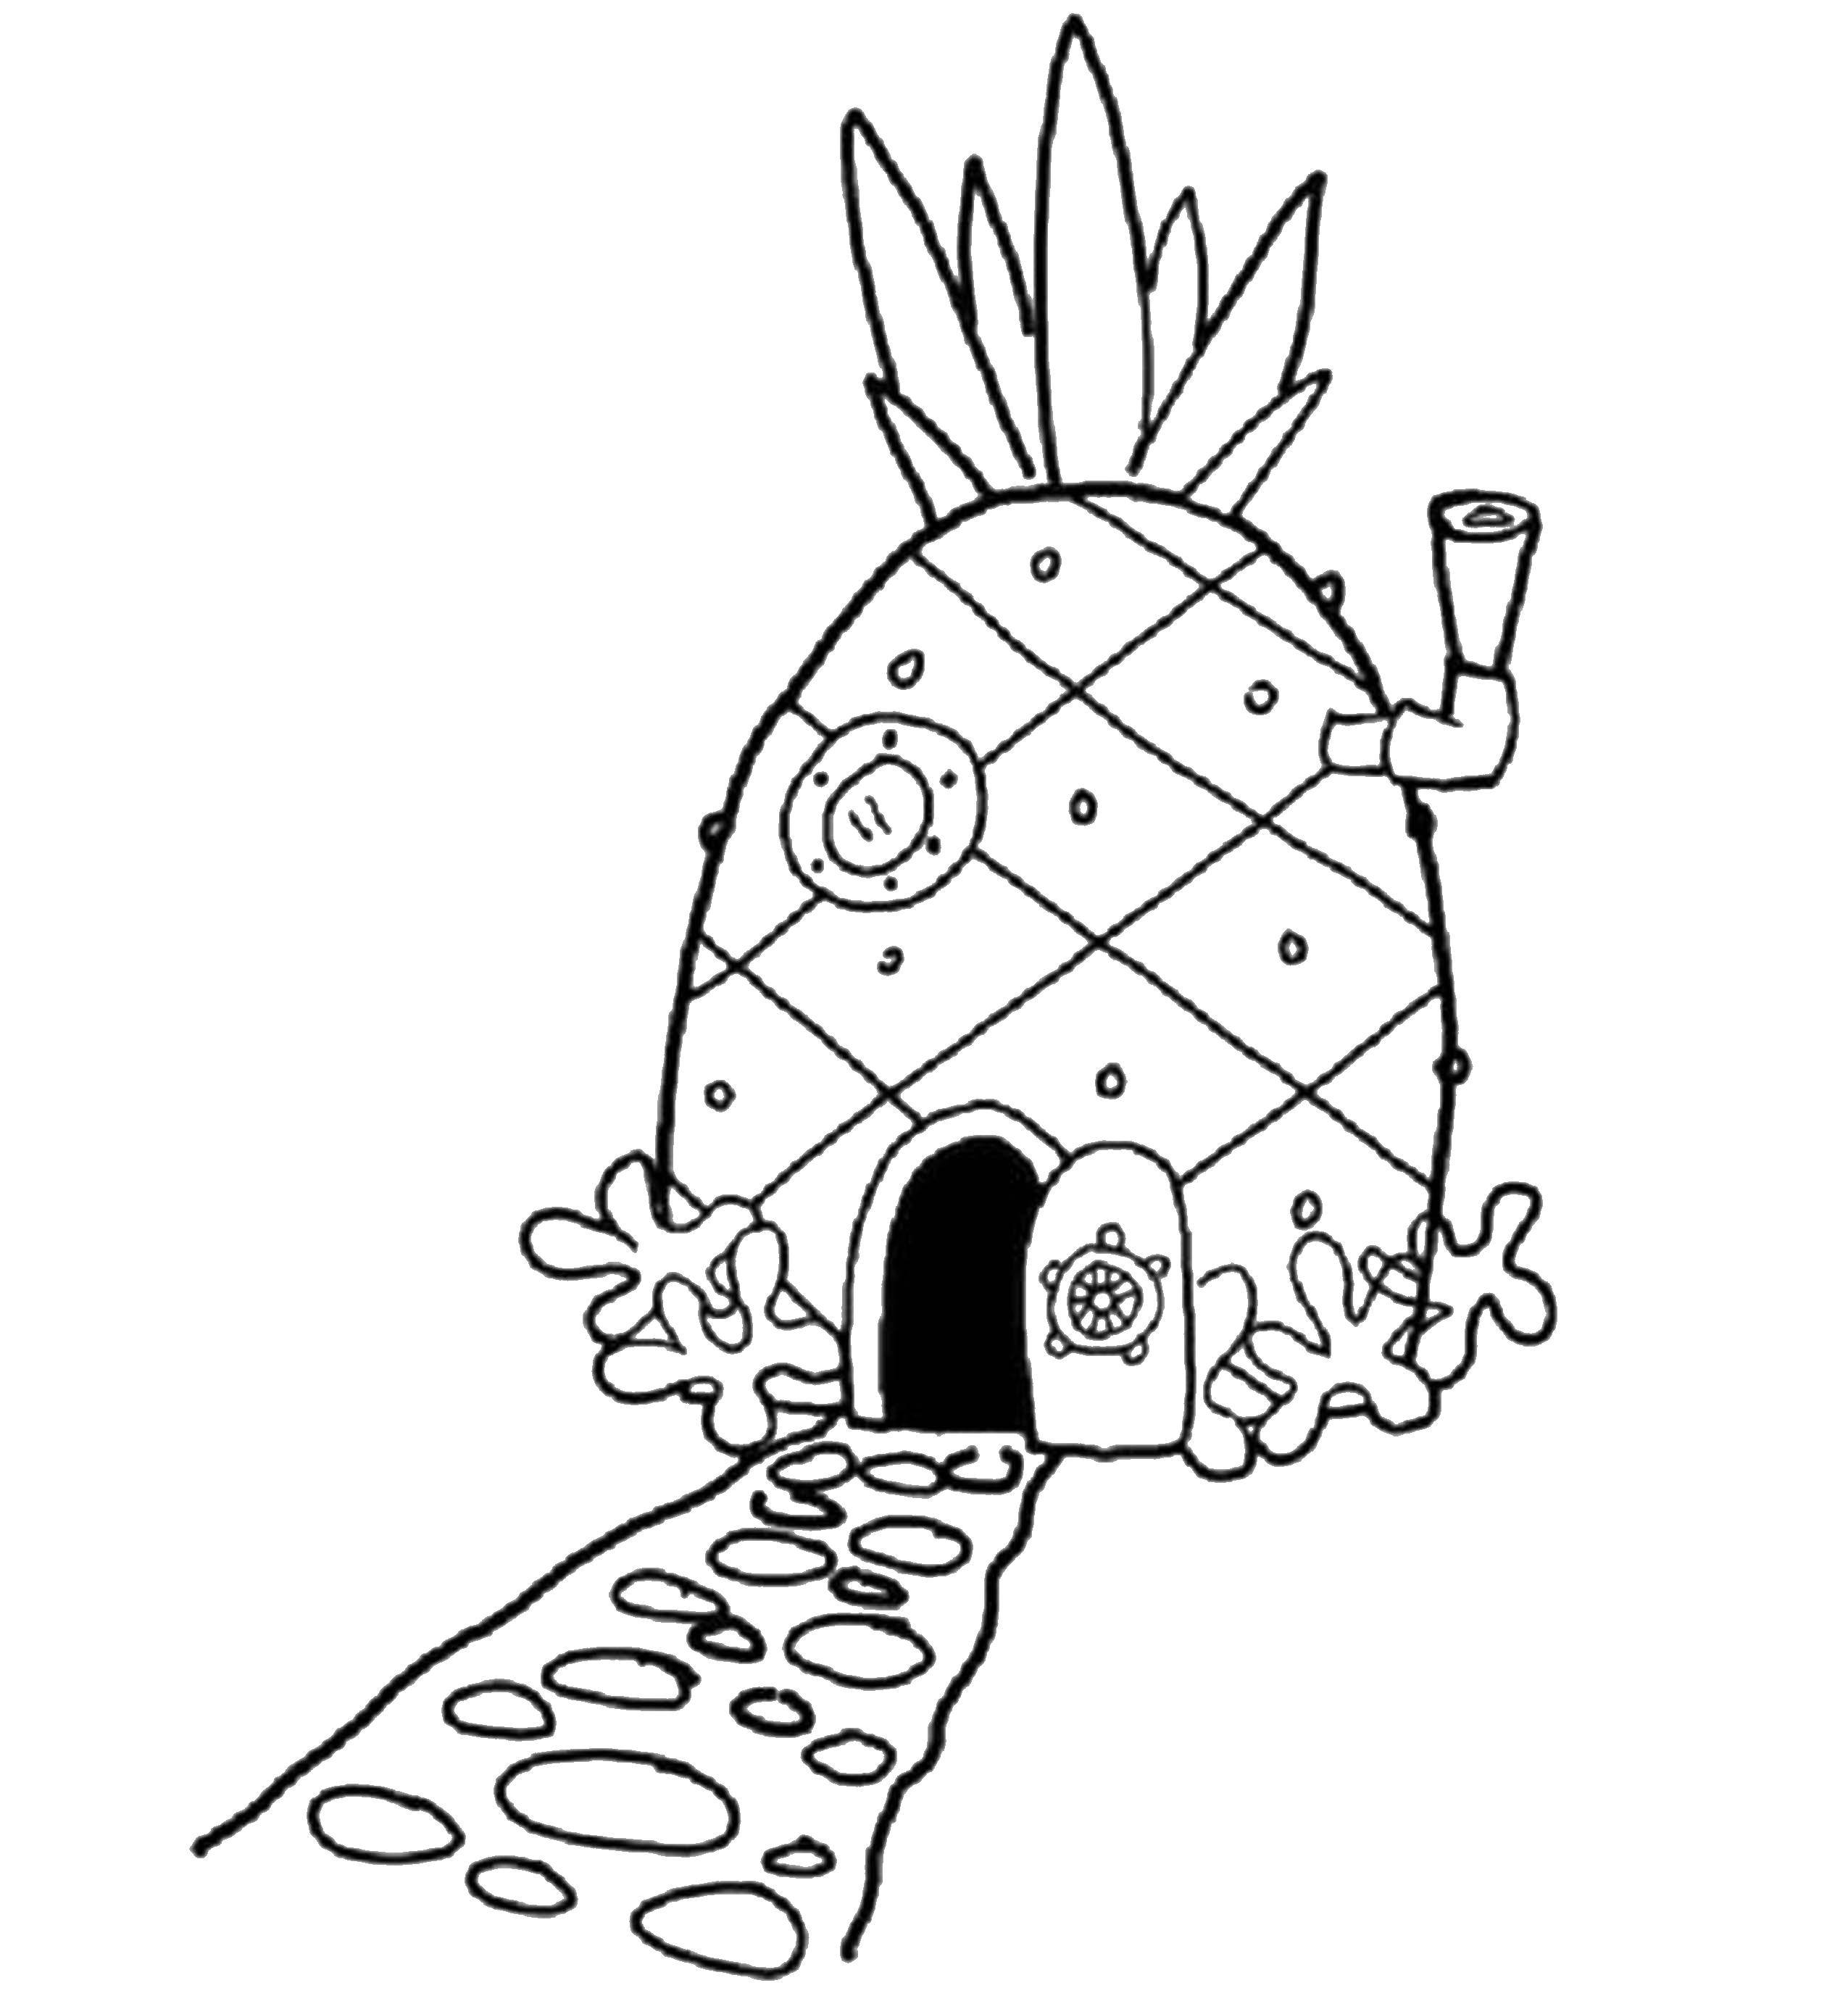 Раскраска Ананас дом спанч боба Скачать ,Спанч боб, Ананас, домик,.  Распечатать